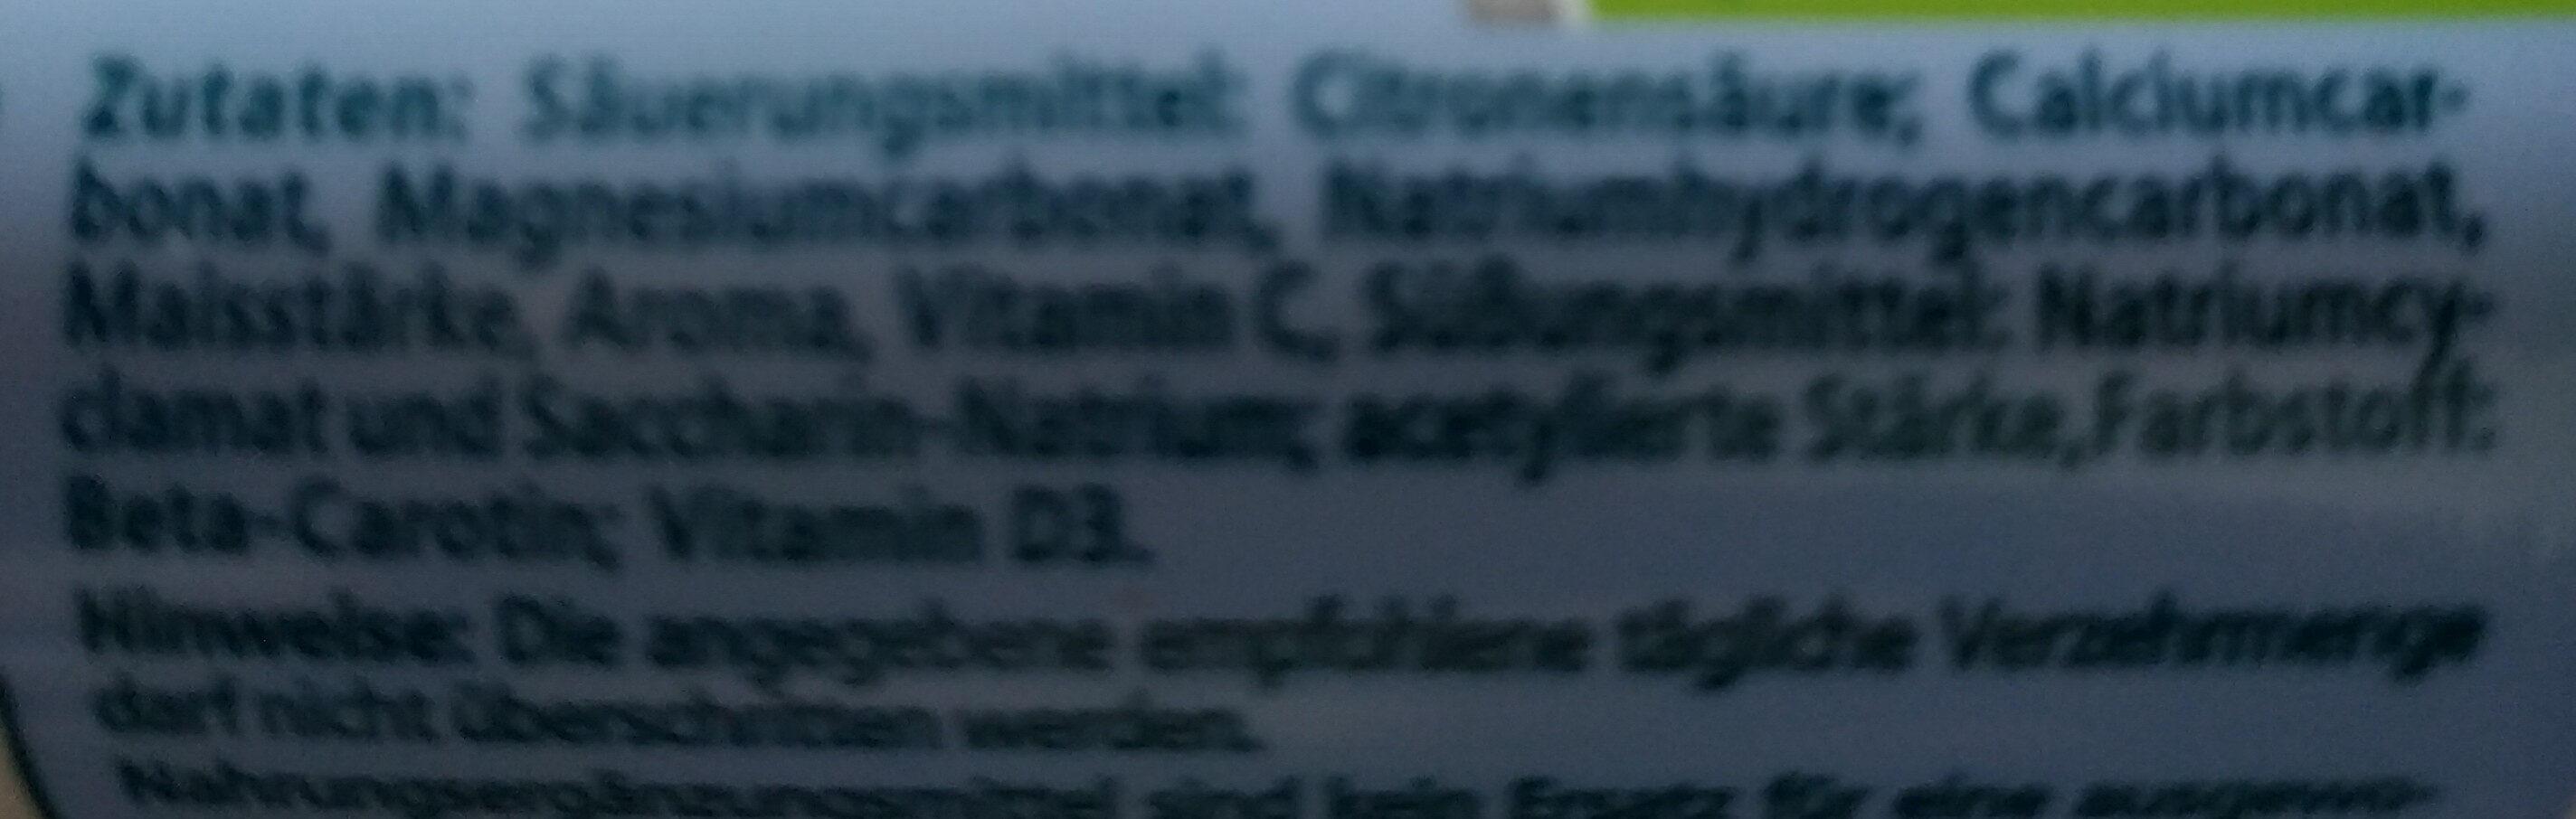 Magnesium, Calcium D3 - Ingrédients - de